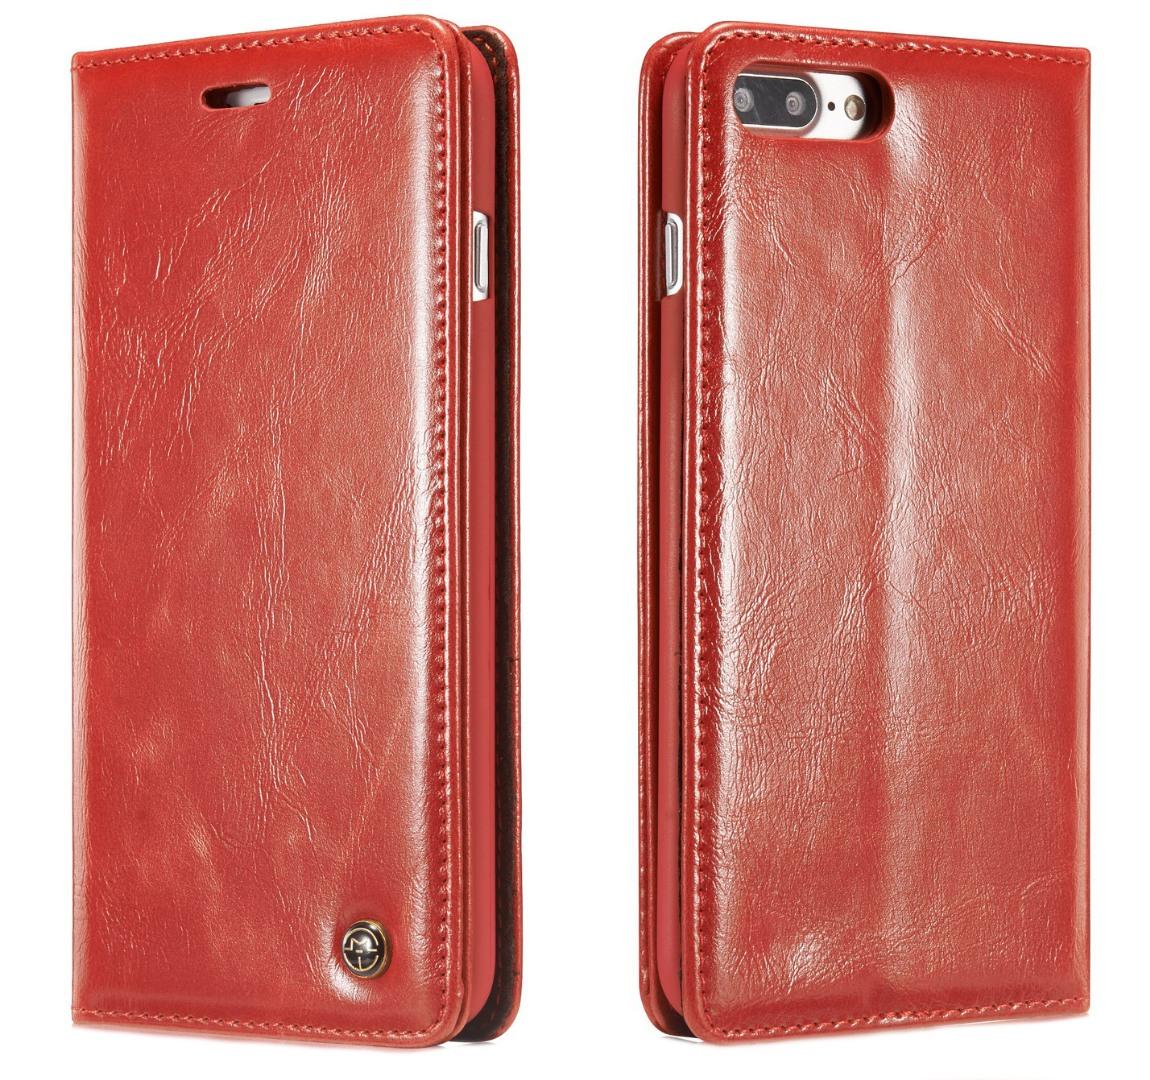 Husa piele fina, tip portofel, stand, inchidere magnetica, iPhone 8 Plus / 7 Plus - CaseMe, Rosu